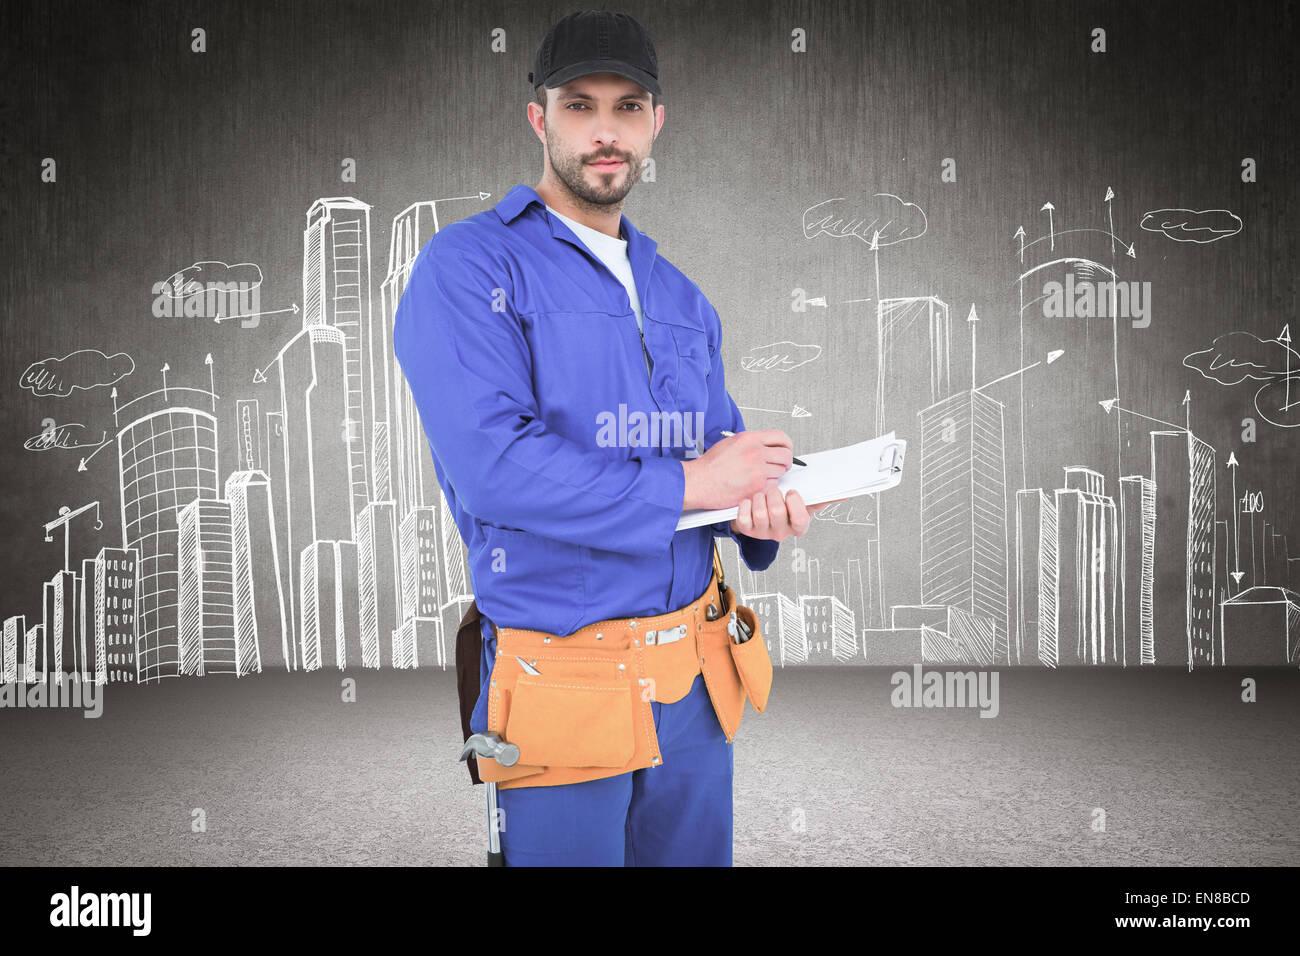 Immagine composita di tuttofare in tuta blu iscritto negli appunti Immagini Stock